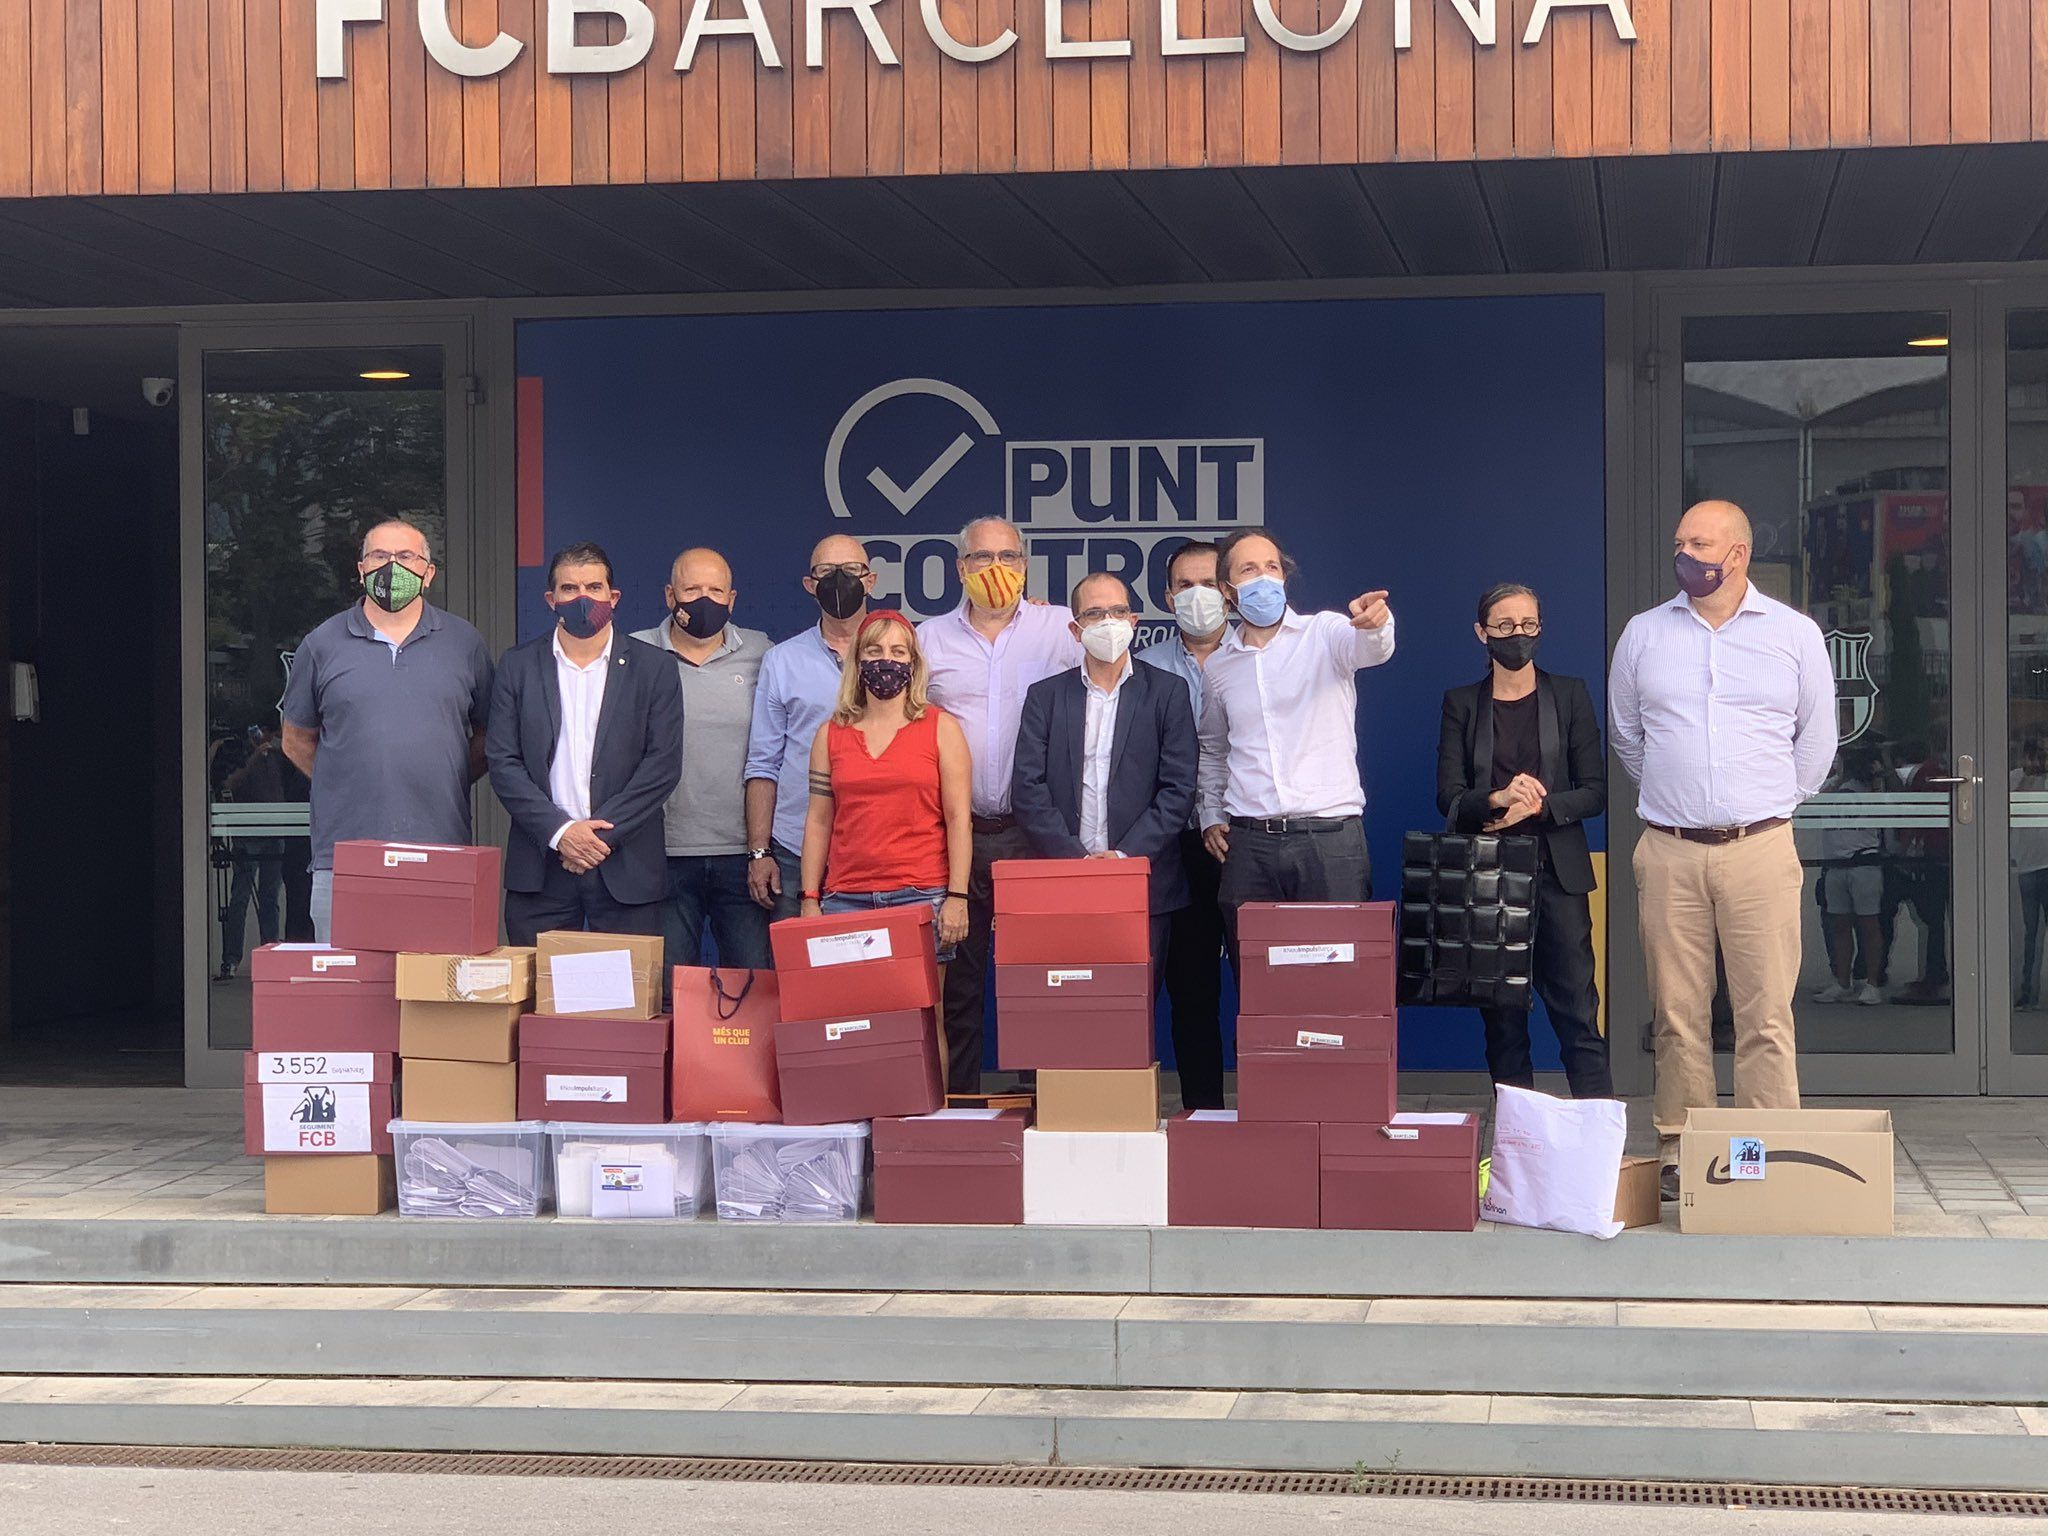 Els promotors del vot de censura a Josep Maria Bartomeu   @JordifarreFcb